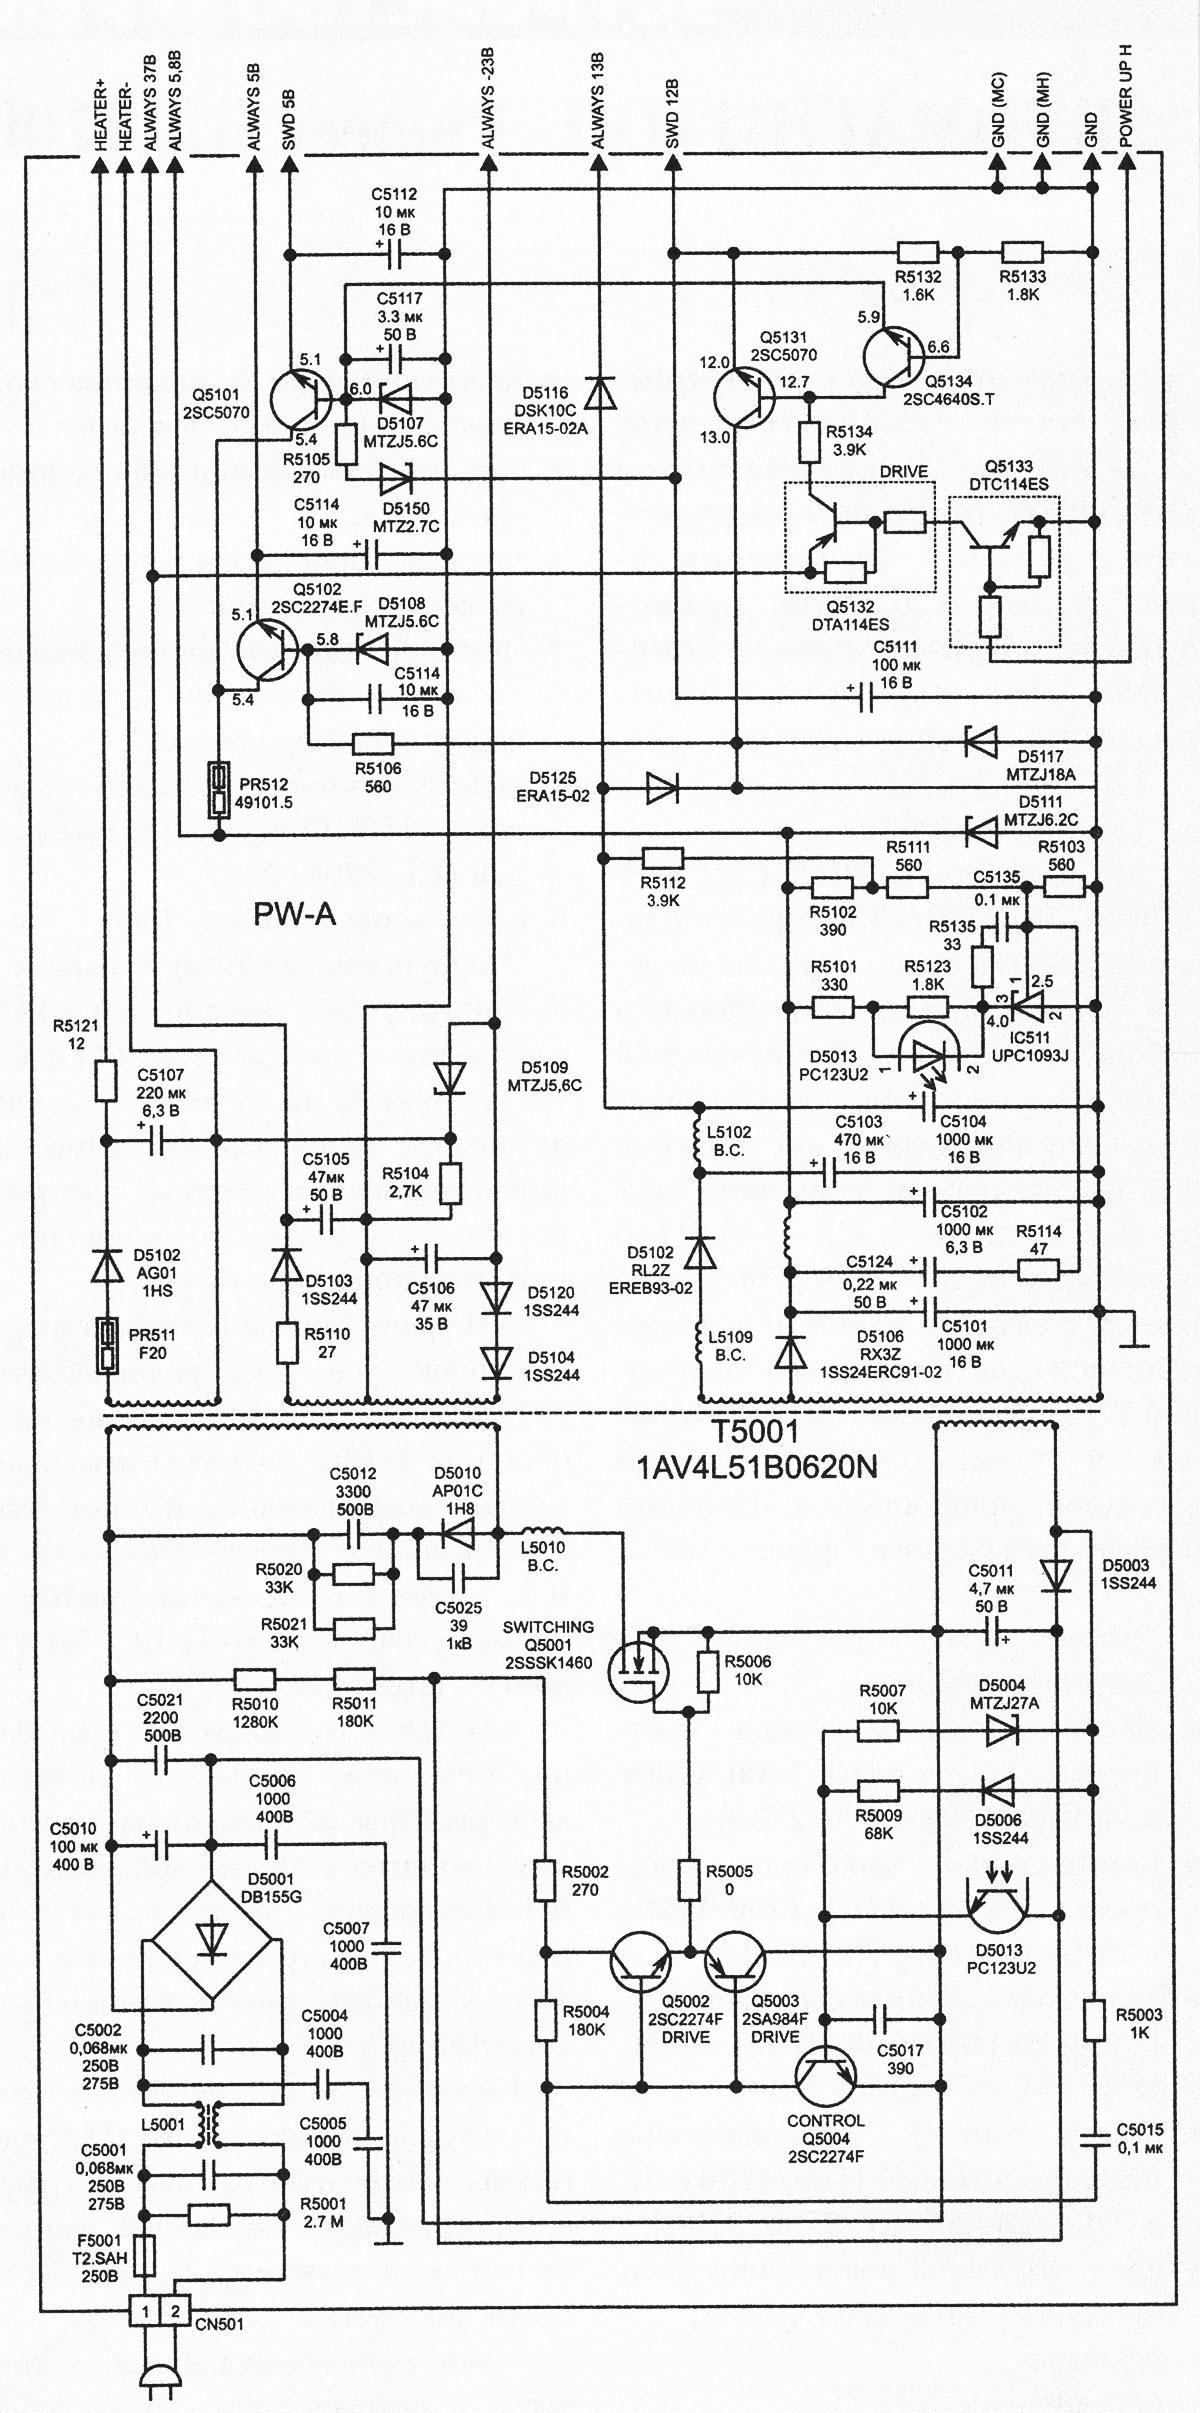 Схема блока питания Видеомагнитофоны Sanyo VHR 670, Sanyo VHR 680